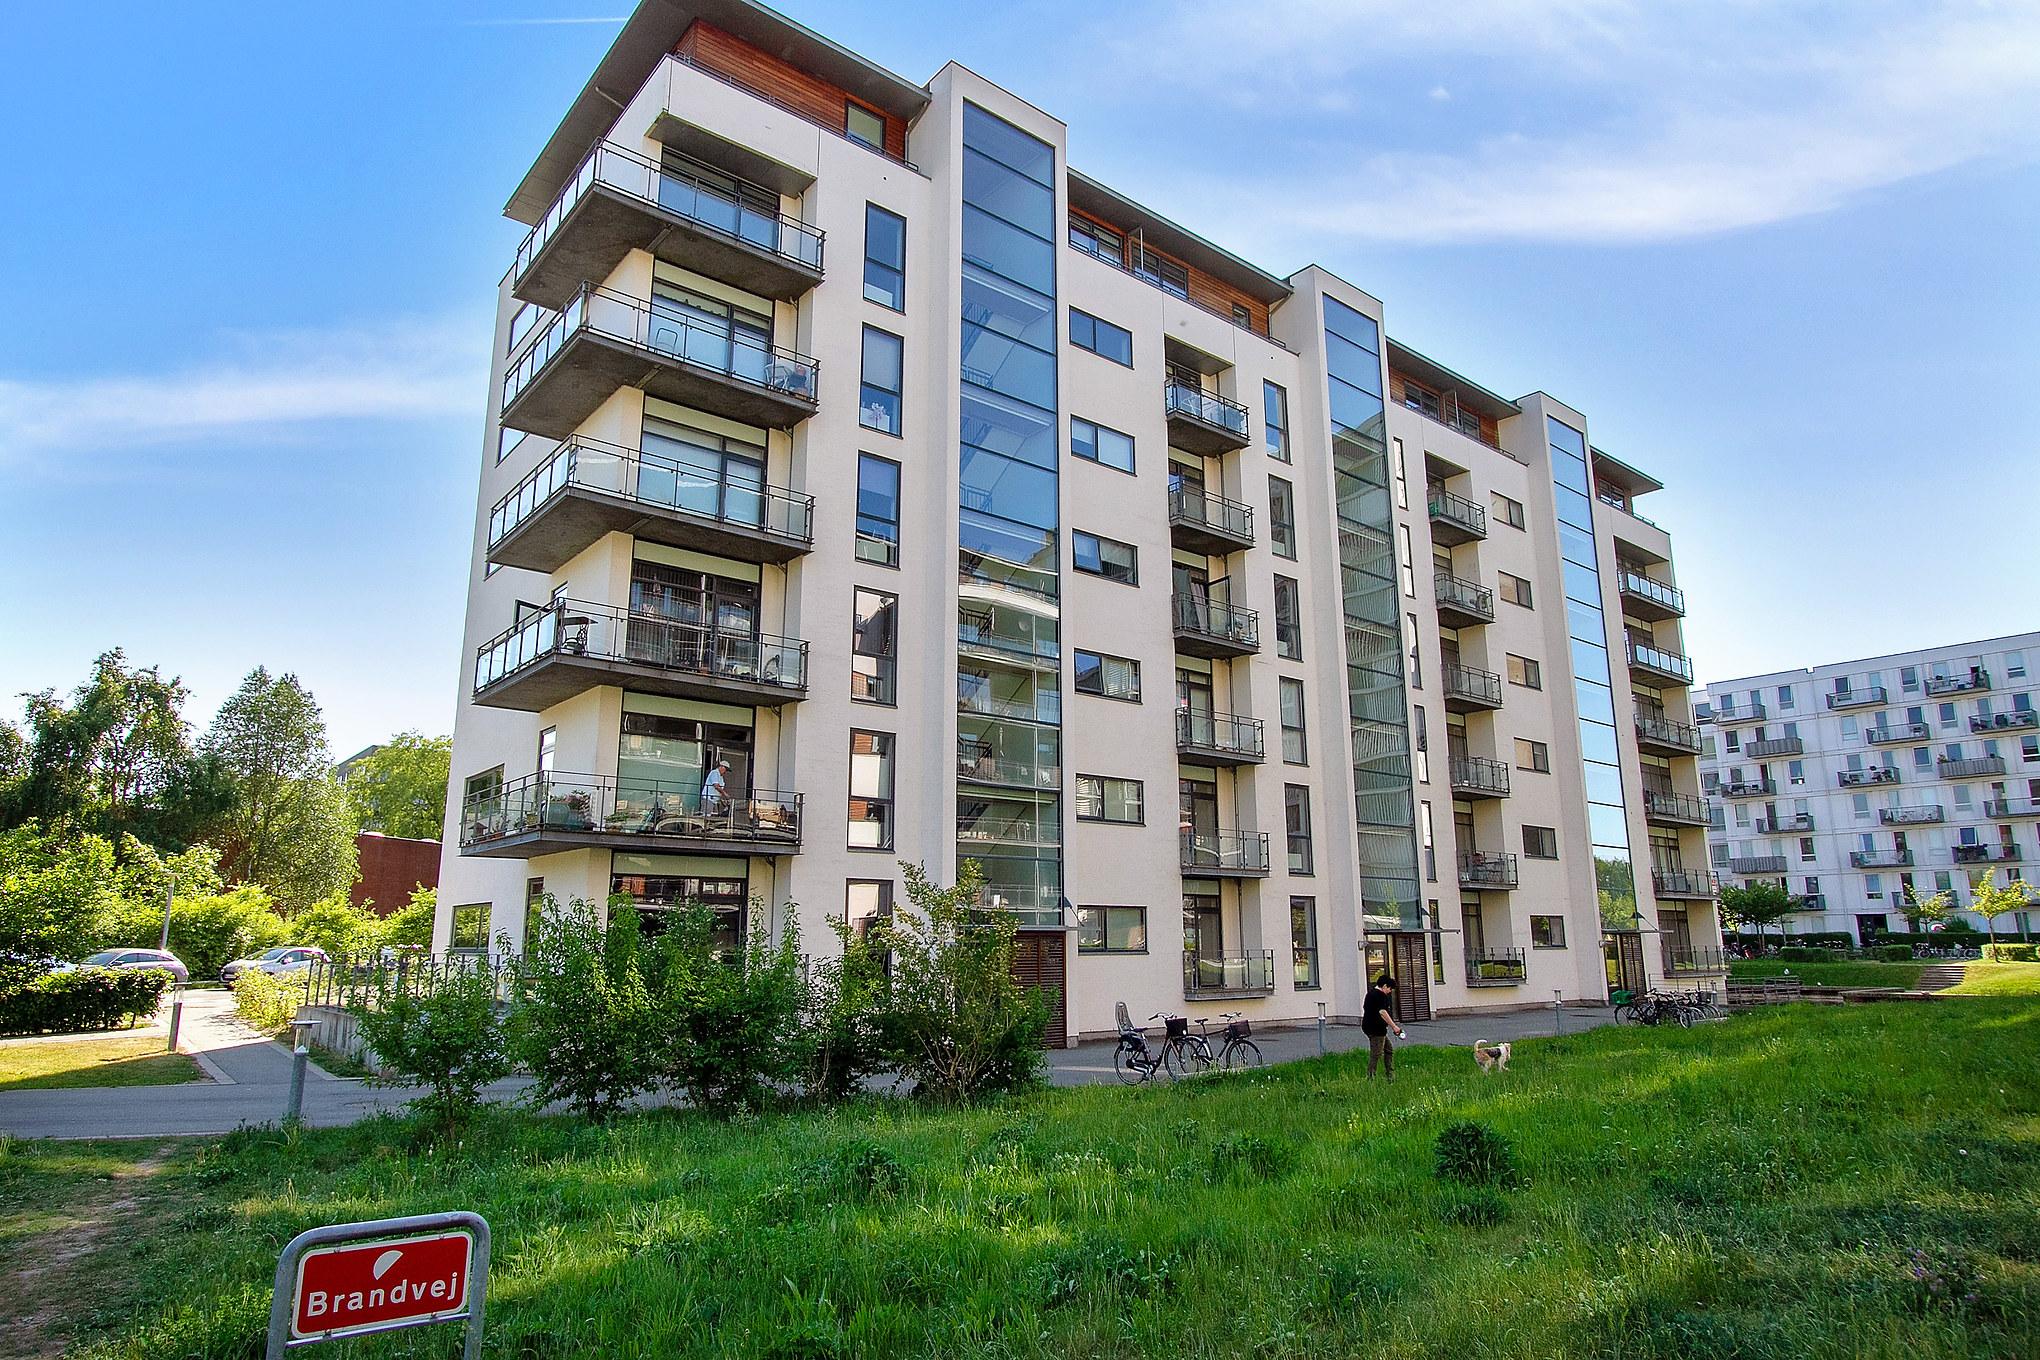 Gyngemose Parkvej 3, 5. th., 2860 Søborg